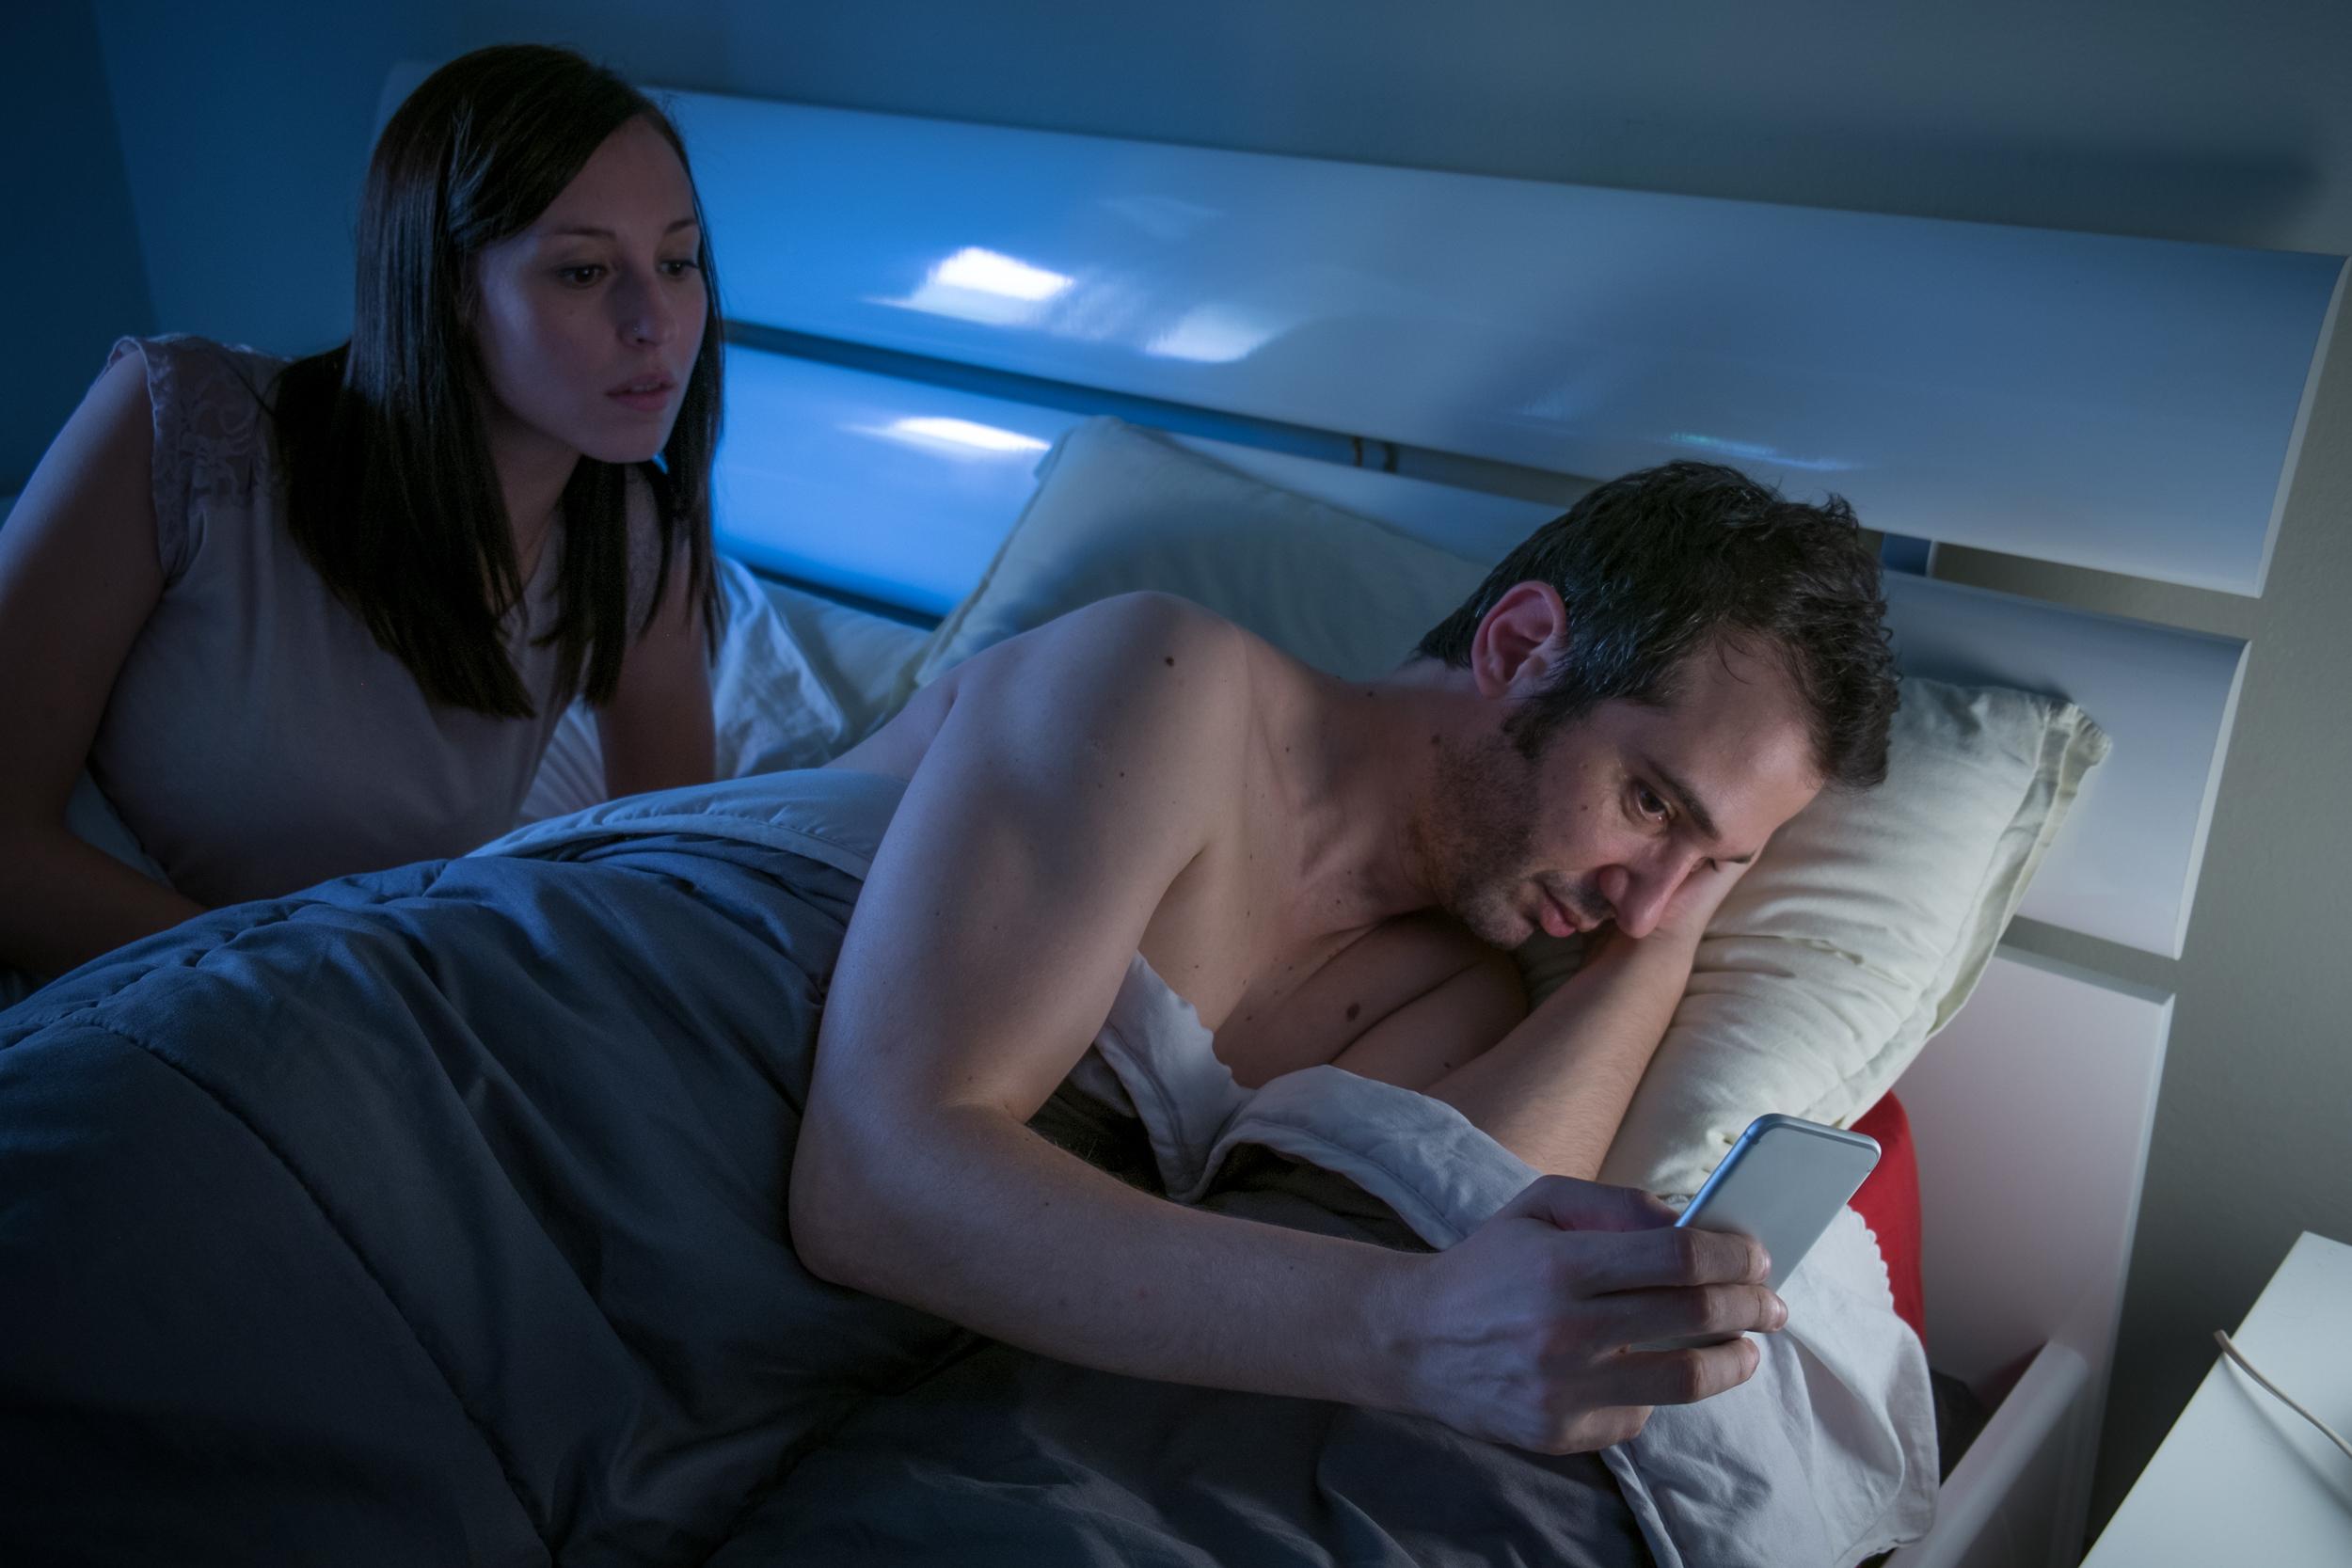 نظر روانشناس ها درباره دلایل خیانت به همسر